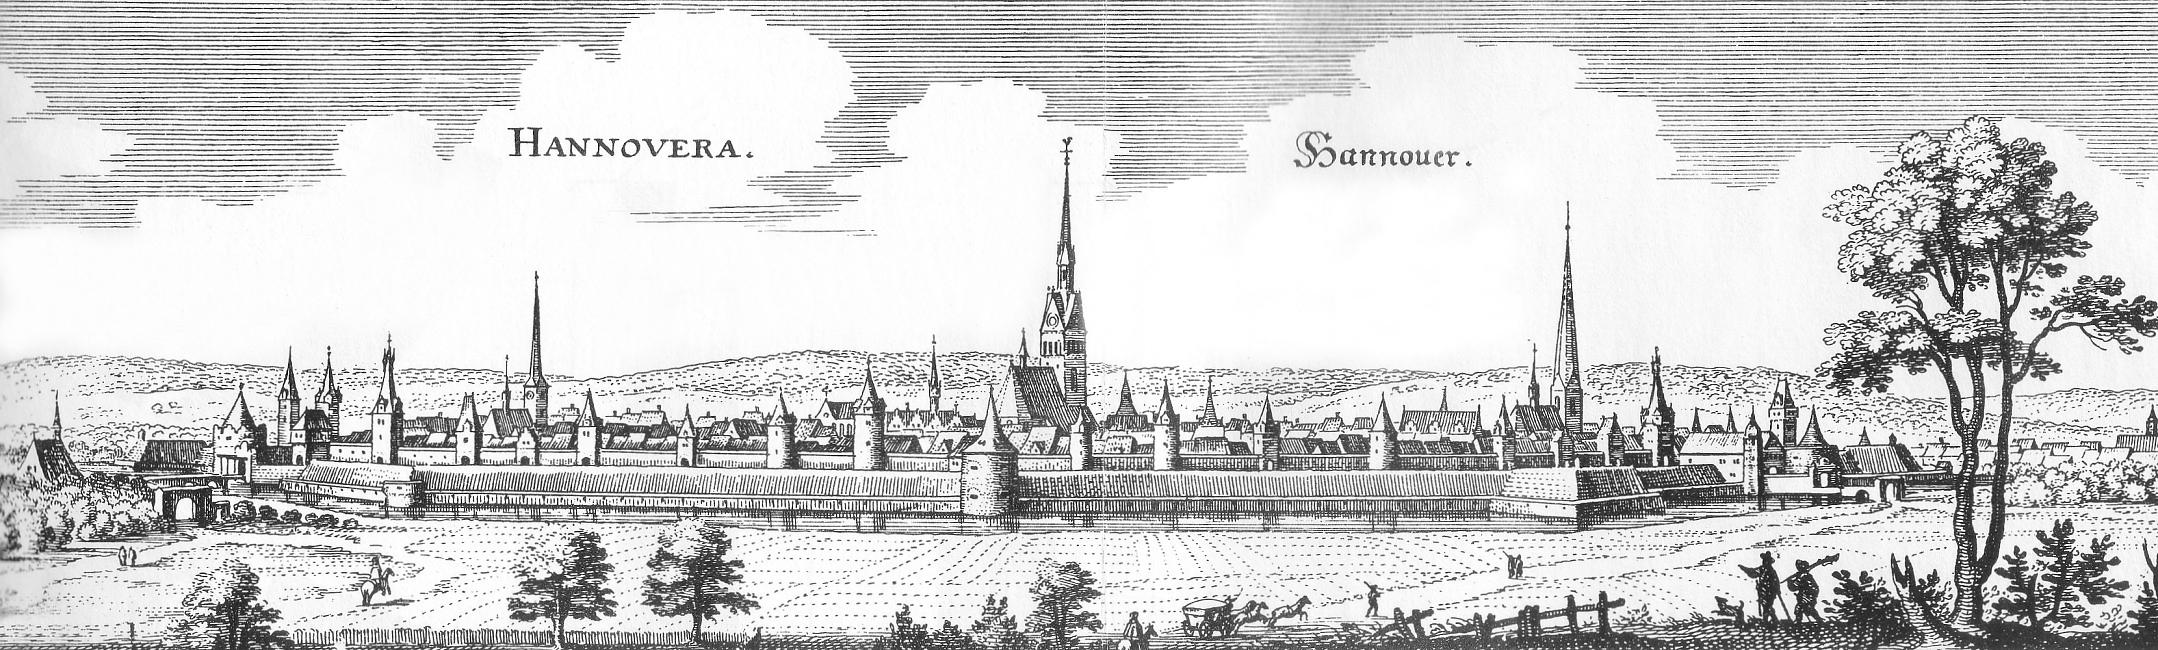 Hannover von Osten gesehen als Merian-Stich um 1654, schwer befestigt mit Wassergraben, Wall und Stadtmauer mit Mauertürmen